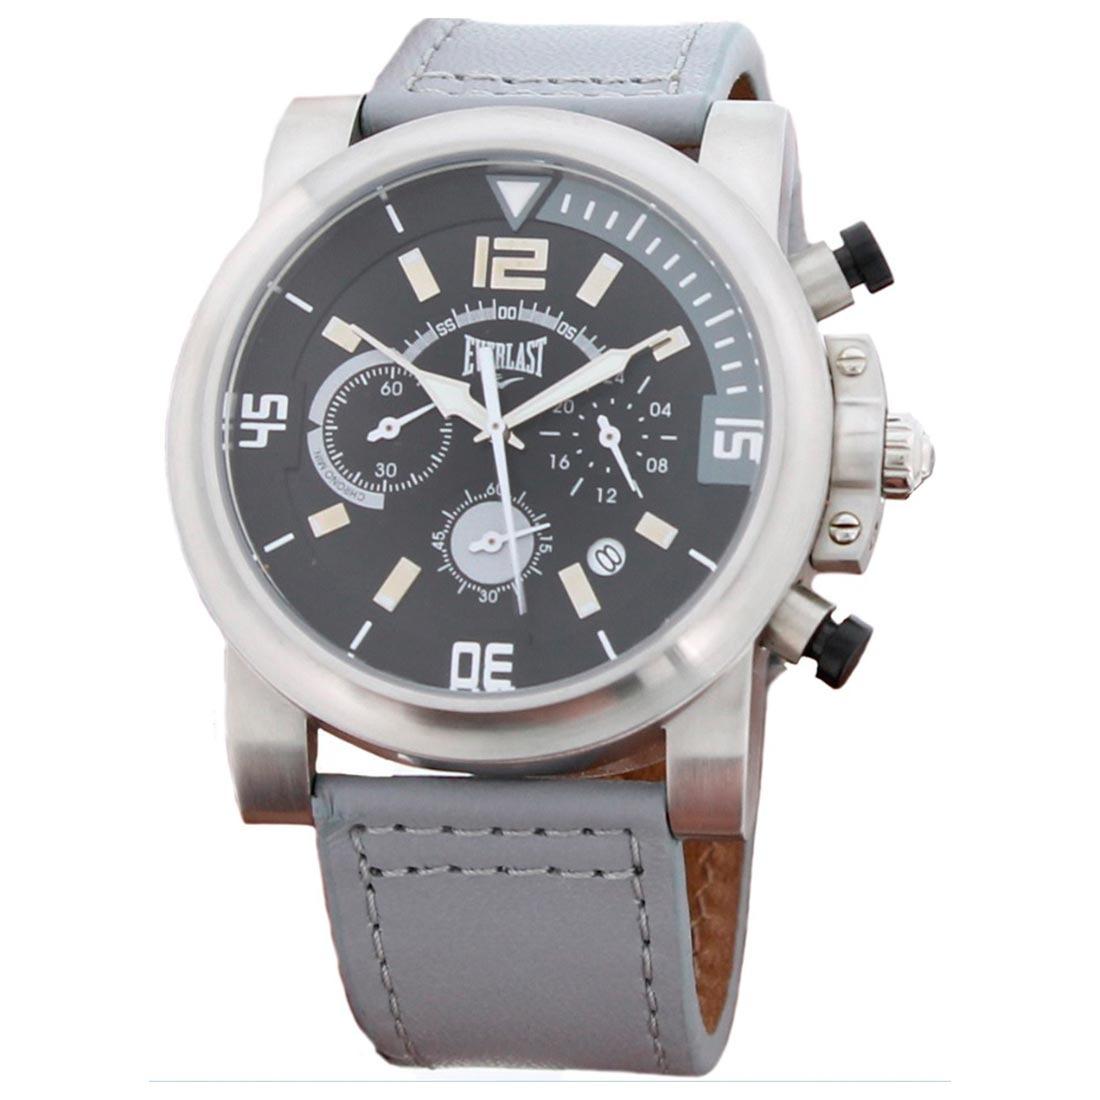 d6a1ea5501f Relógio Masculino Everlast Cronógrafo - E224 - R  430